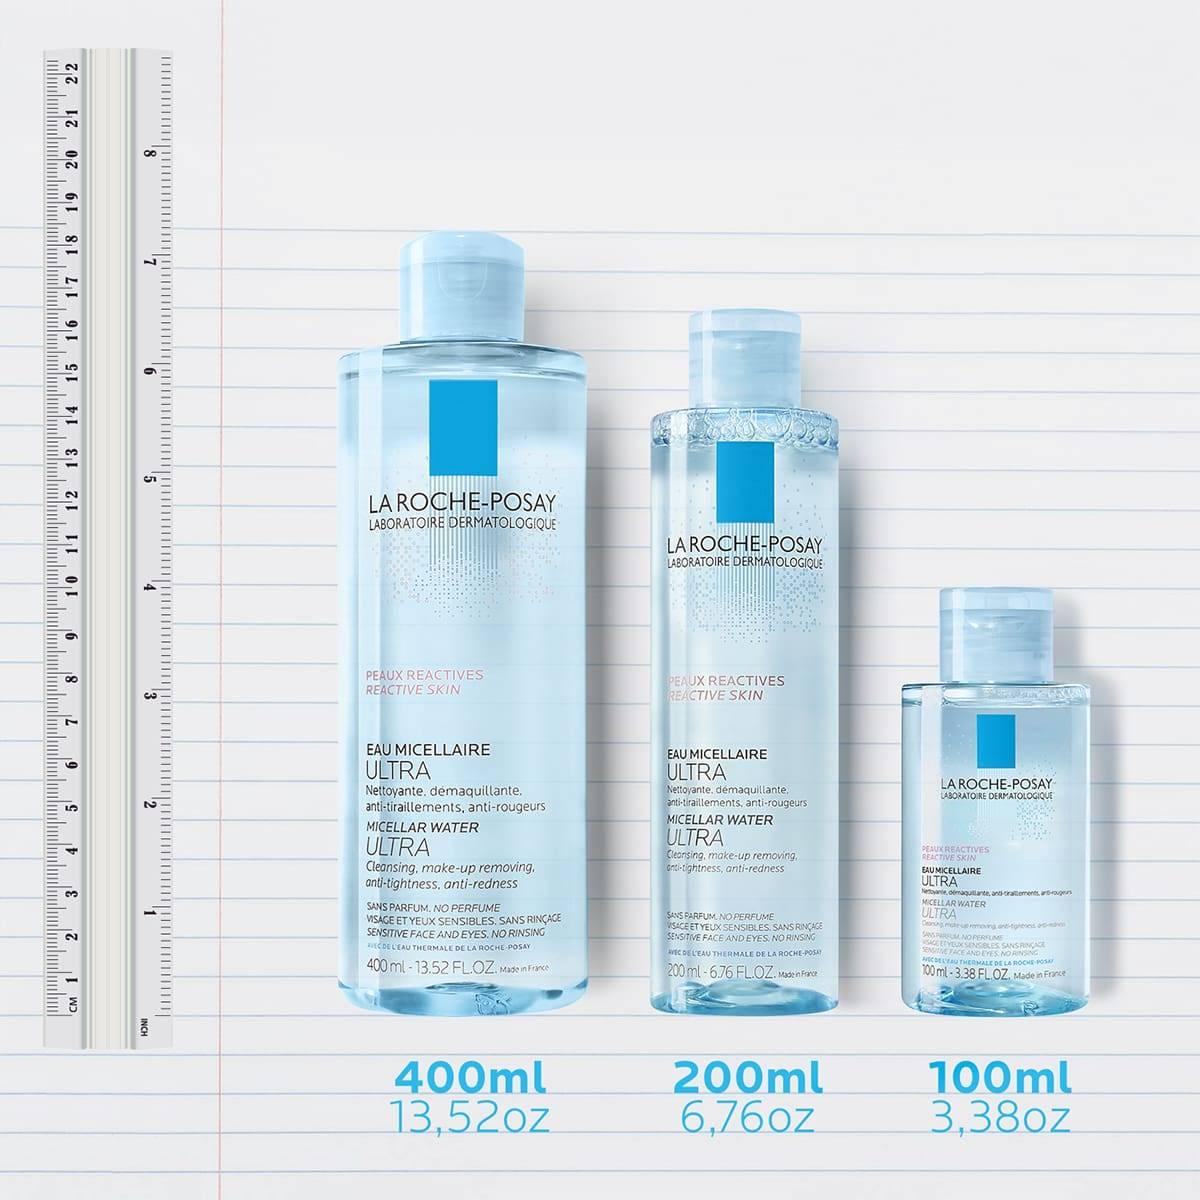 La Roche Posay StránkaProduktu Micelární voda Ultra Rodina 3337875528108 3